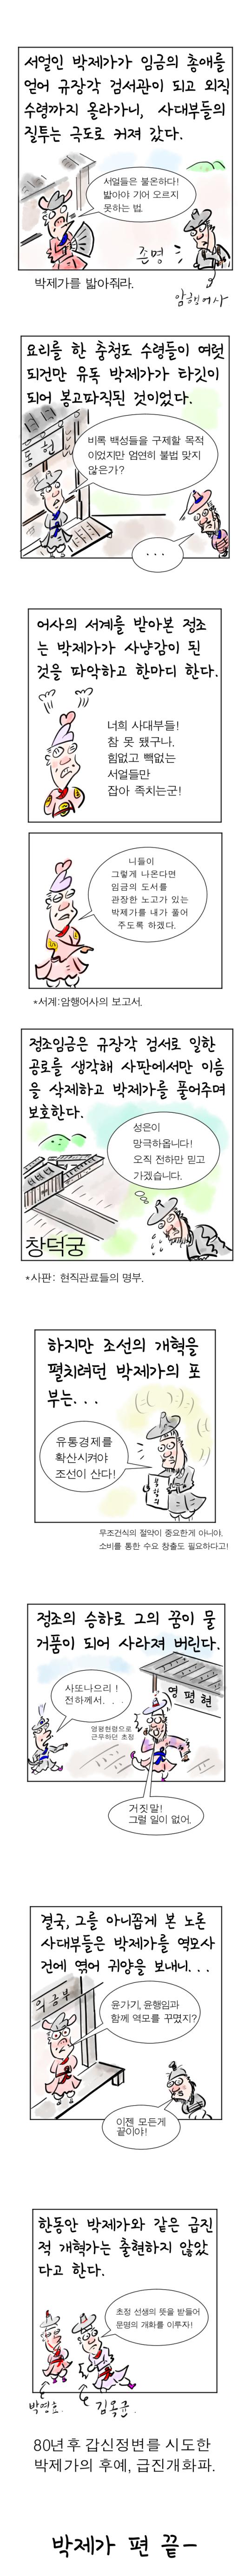 [역사툰] 史(사)람 이야기 26화: 요리하다 파직당한 박제가